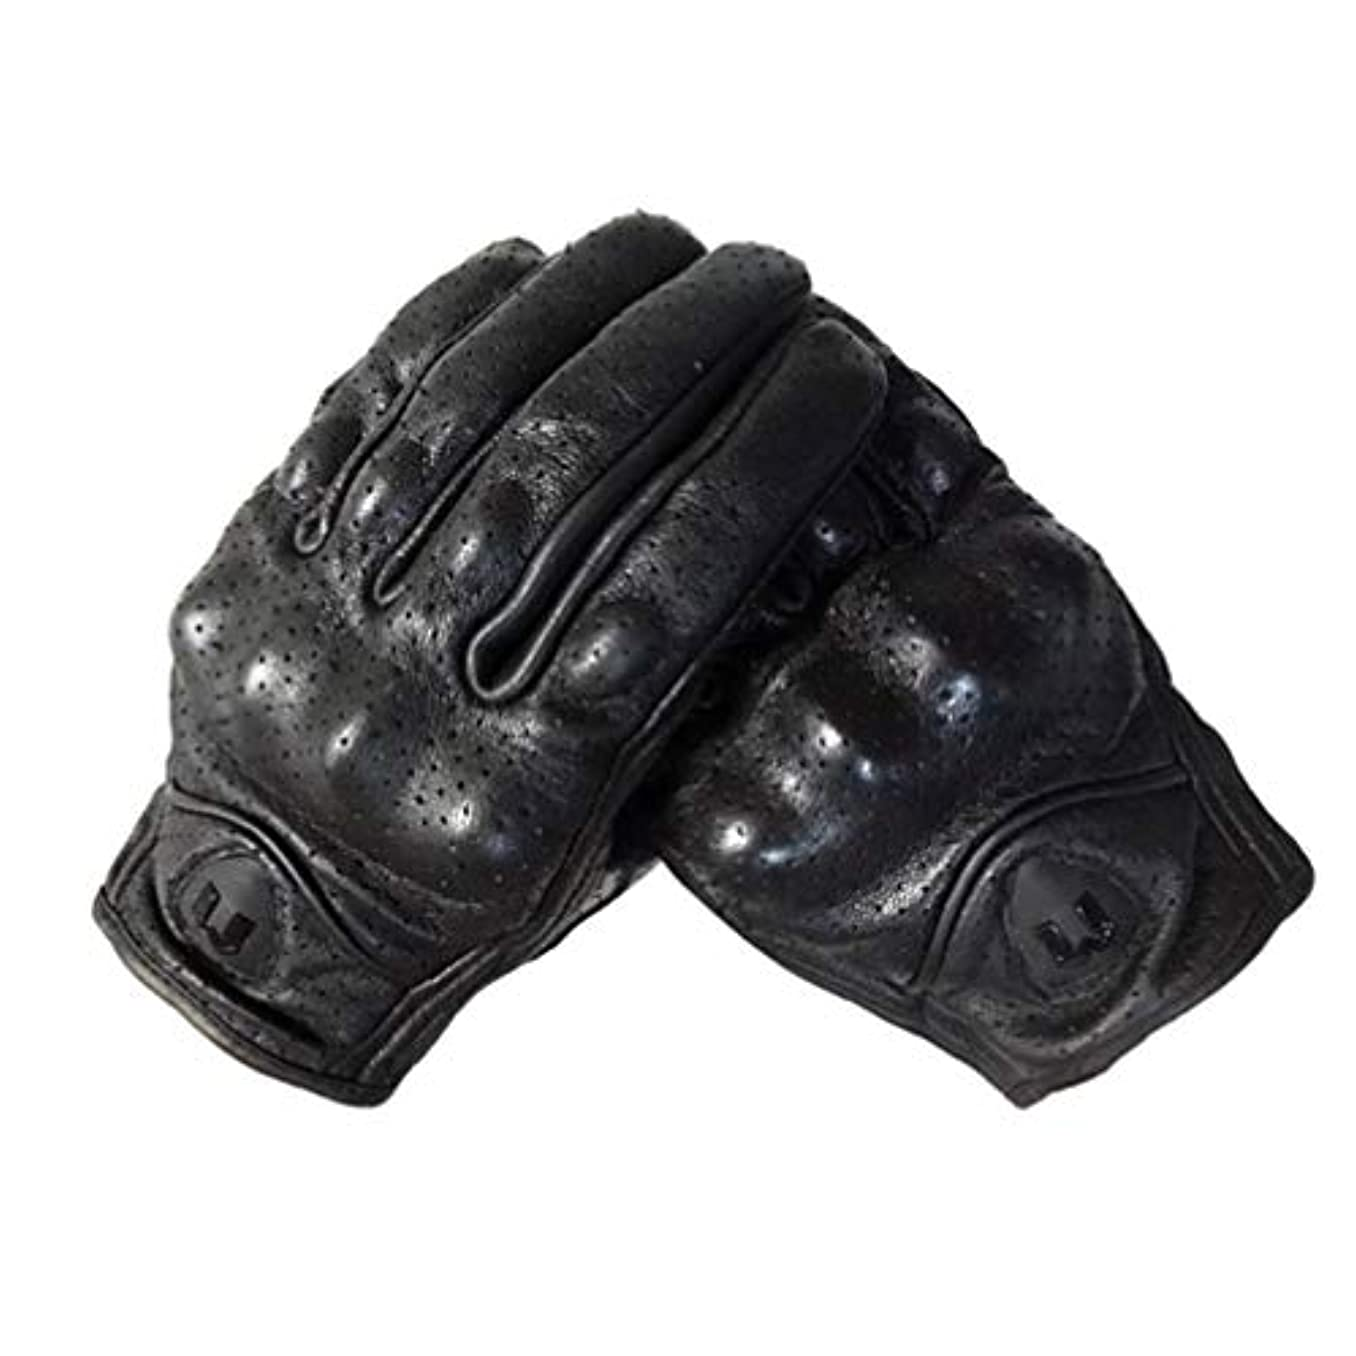 局スポーツマン寂しいLIOOBO 冬革手袋フルフィンガーサイクリング手袋オートバイの手袋運転手袋タッチスクリーン手袋男性用女性